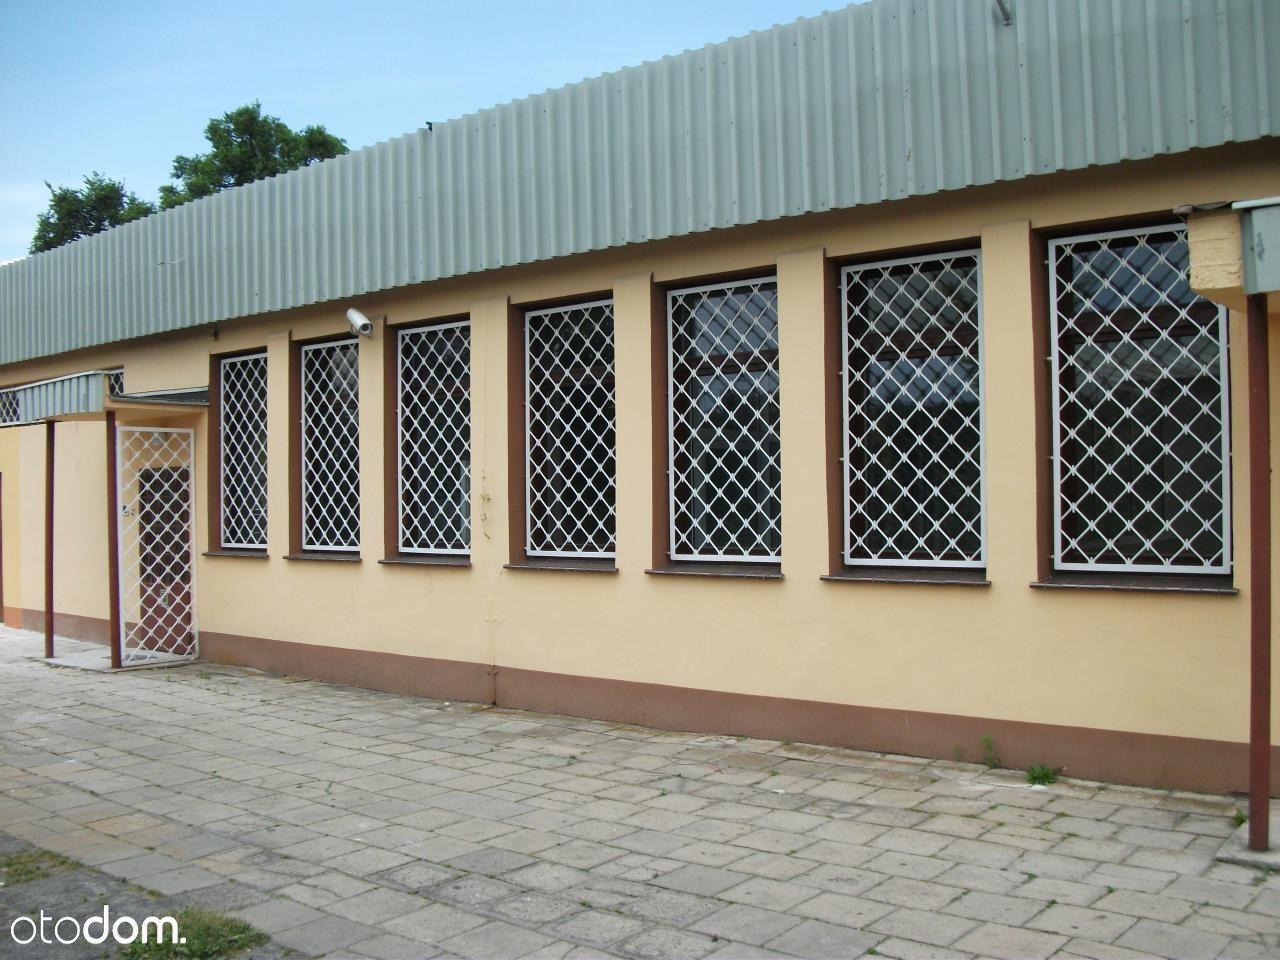 Lokal użytkowy na sprzedaż, Kostrzyn nad Odrą, gorzowski, lubuskie - Foto 2